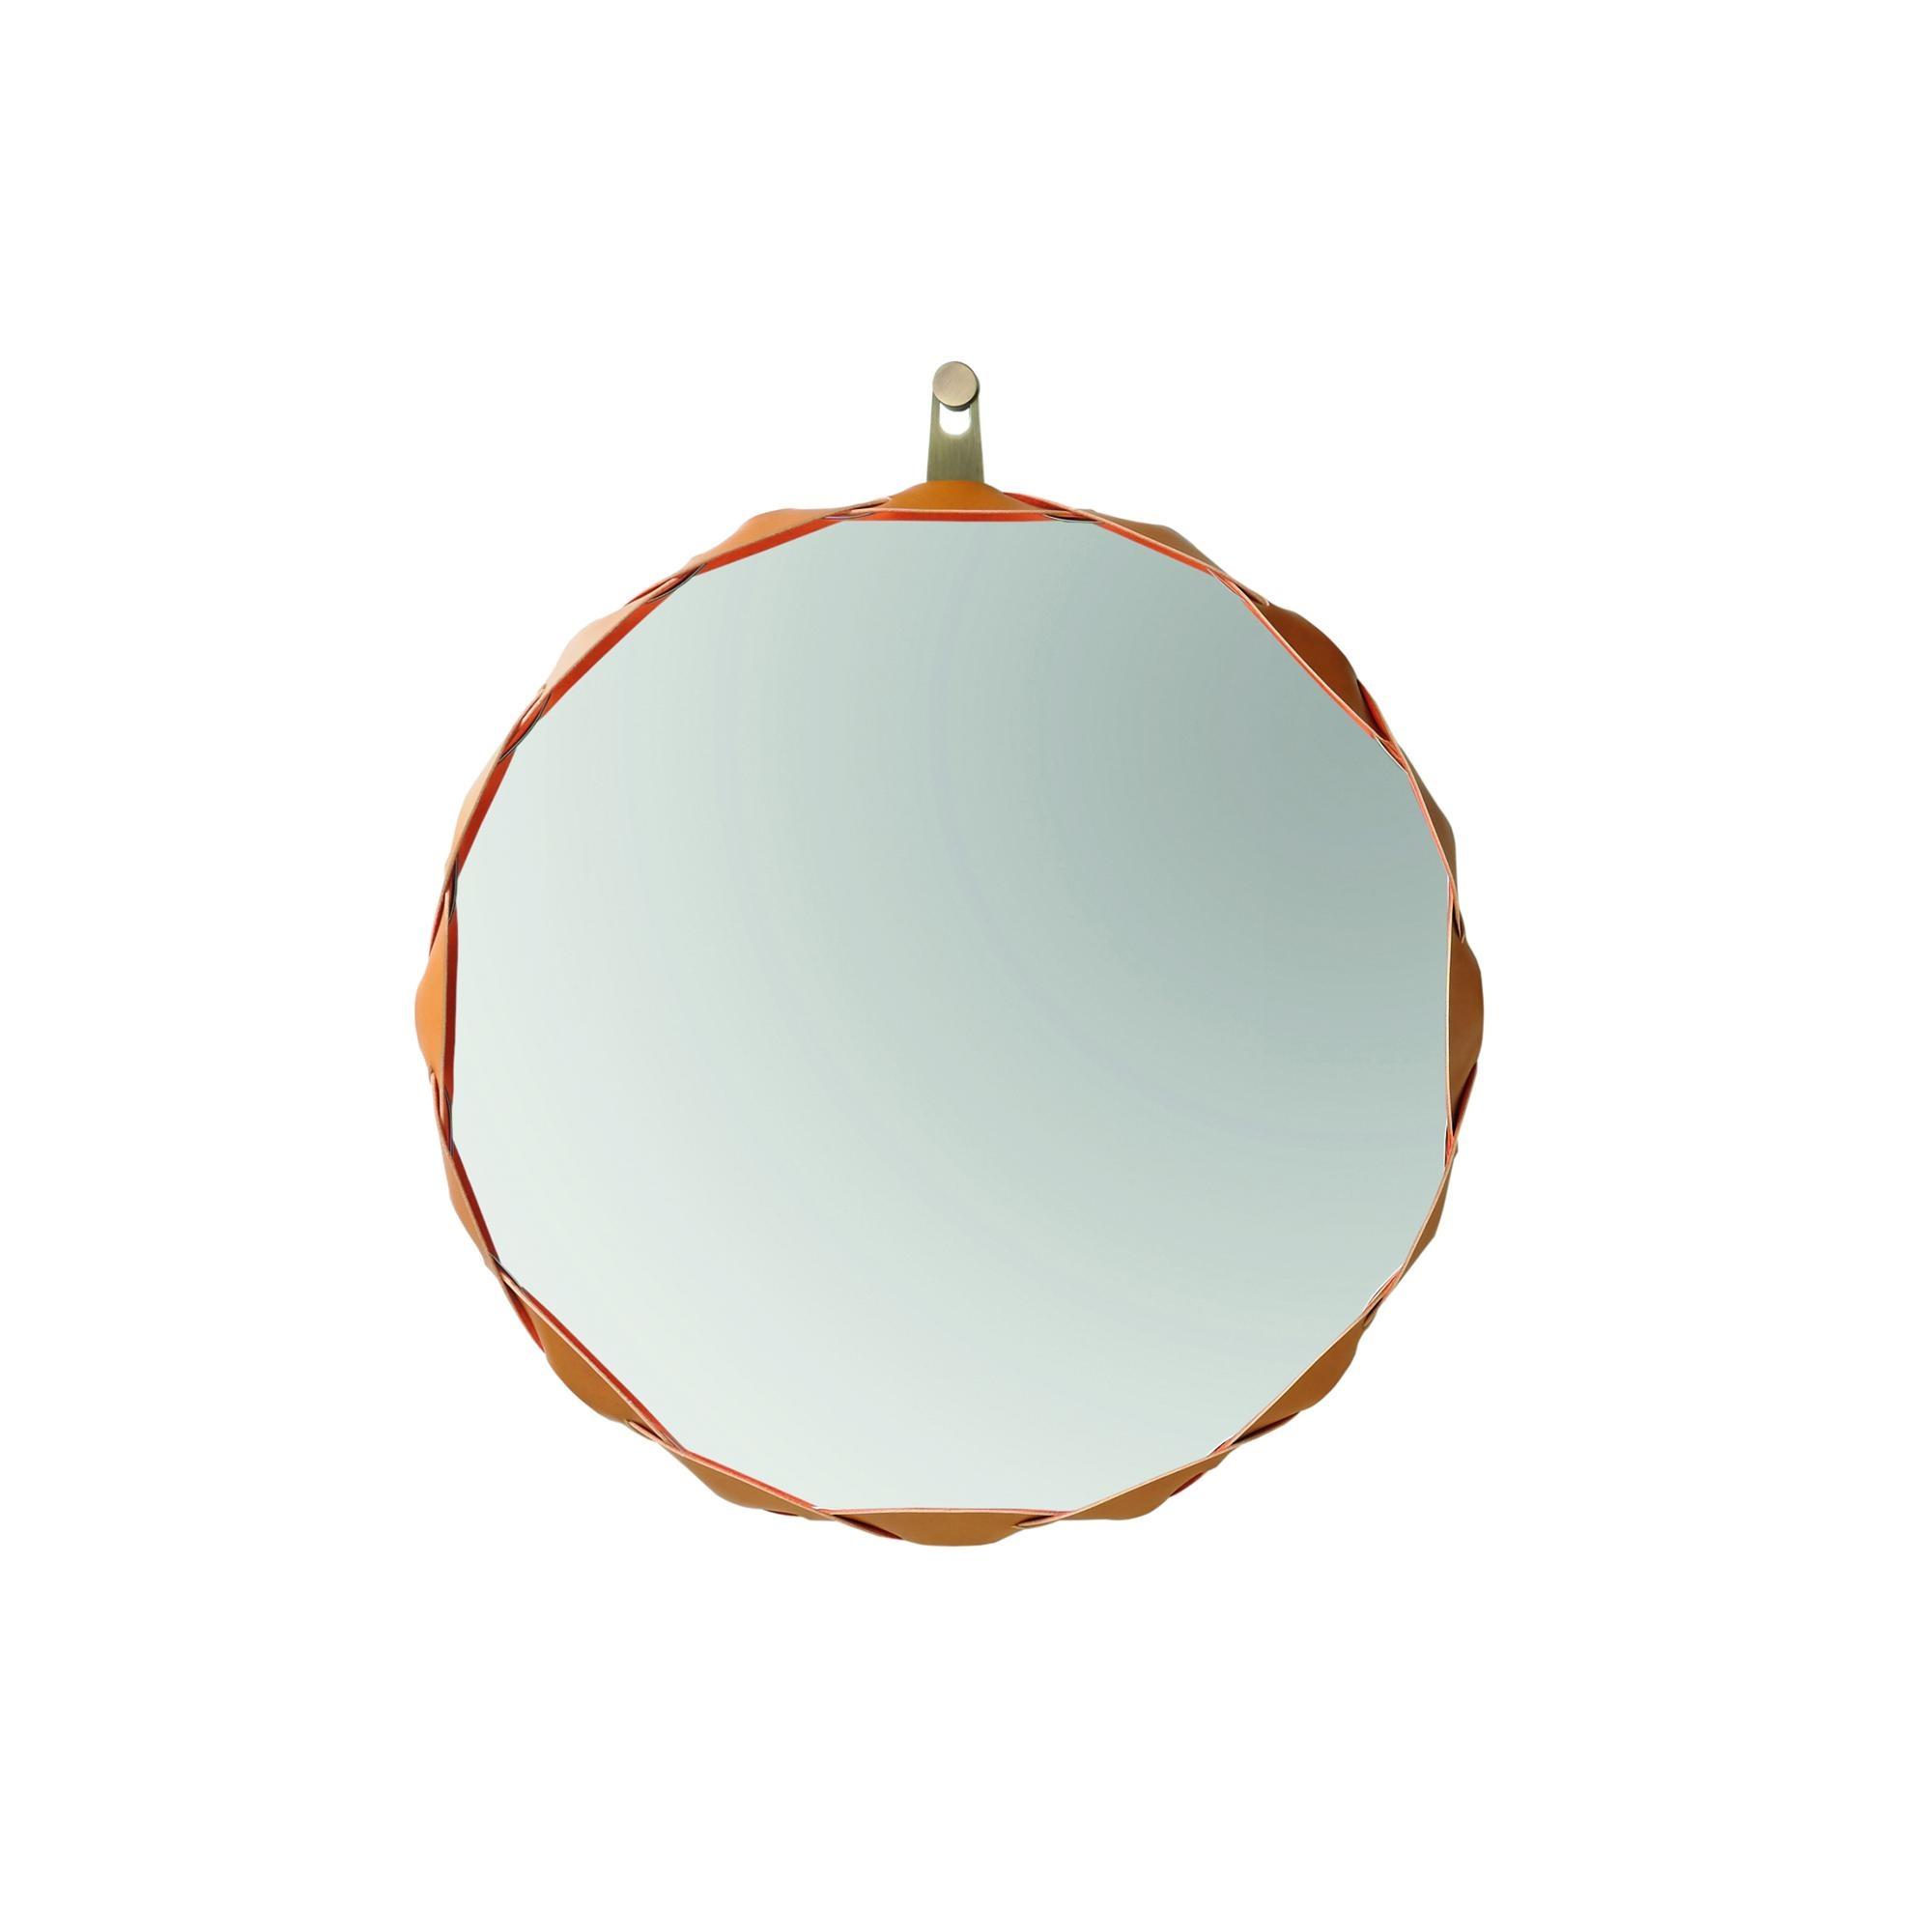 Zanotta - Raperonzolo Spiegel Ø 51cm - gold/Leder/Stoff Alcantara/Innenseite mit Stoff durchflochten | Flur & Diele | Zanotta